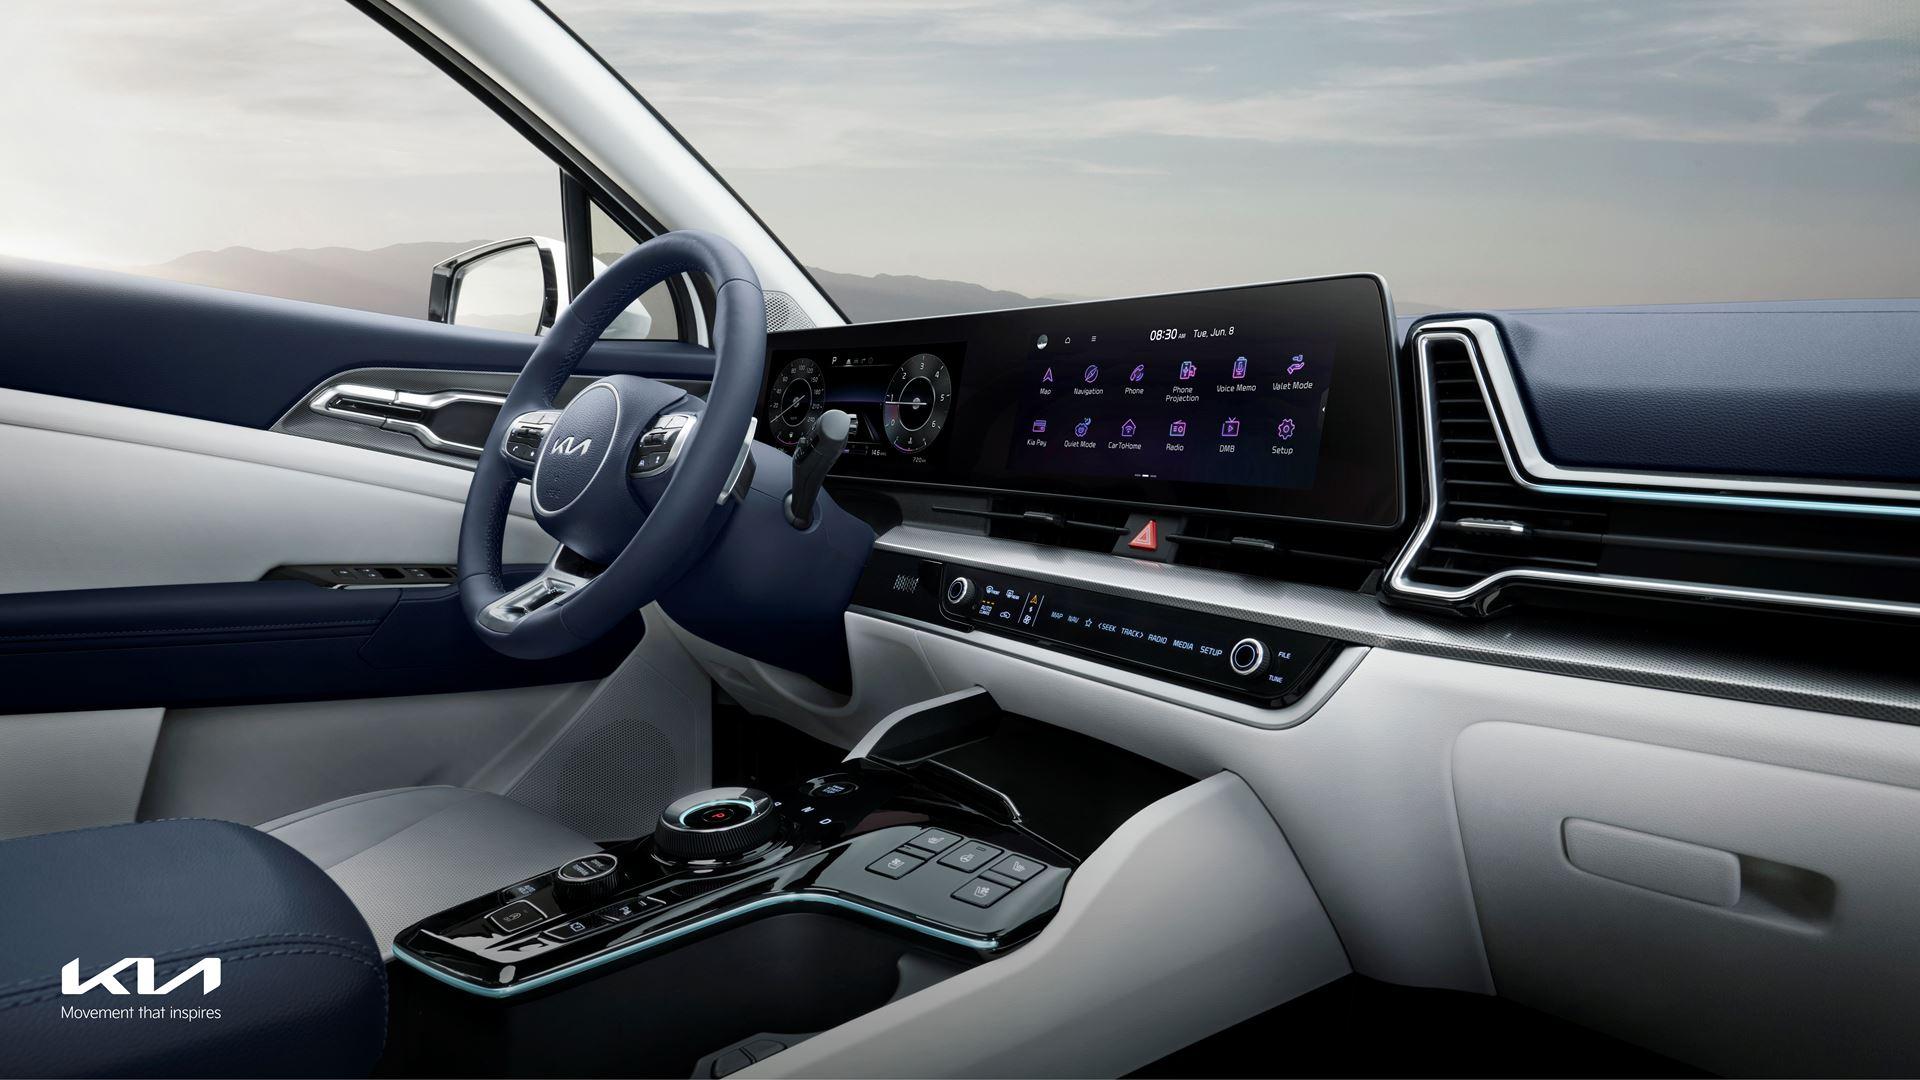 Kia presents all-new Sportage, the ultimate urban SUV - Image 2